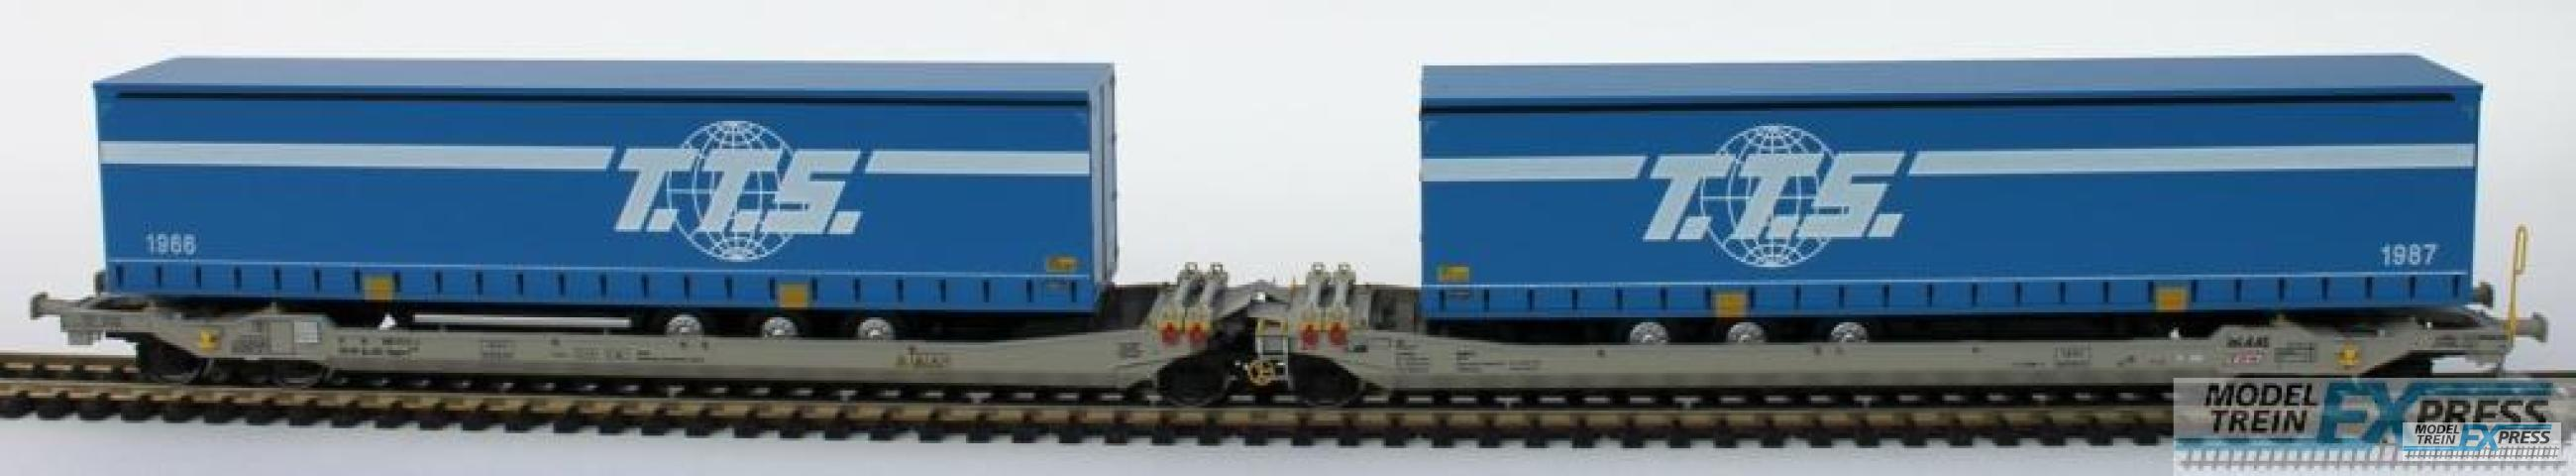 Rocky-Rail 90317